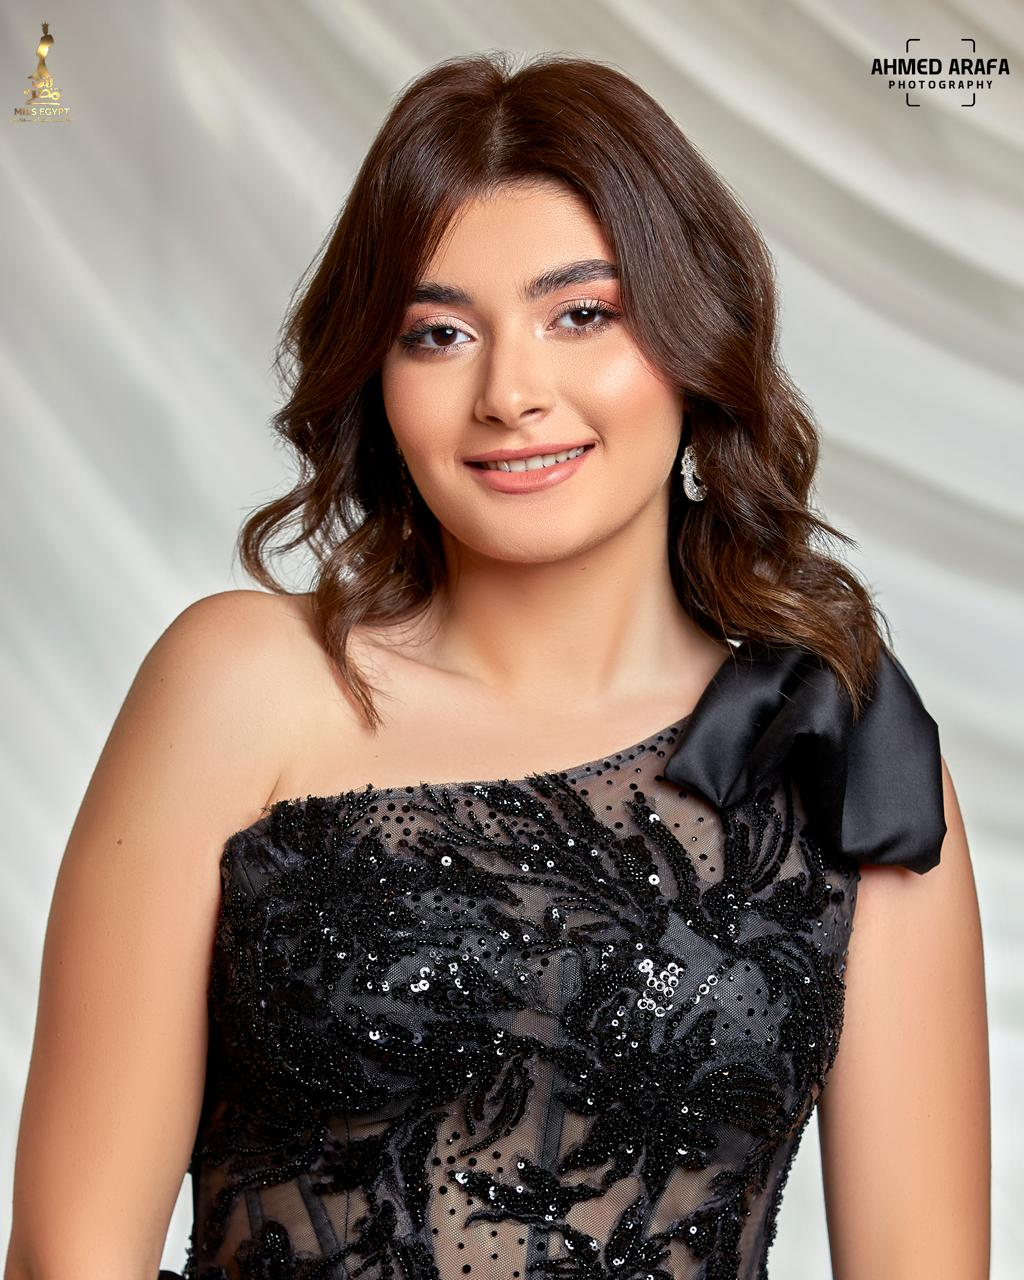 ملكة جمال مصر للسياحة والبيئة (3)